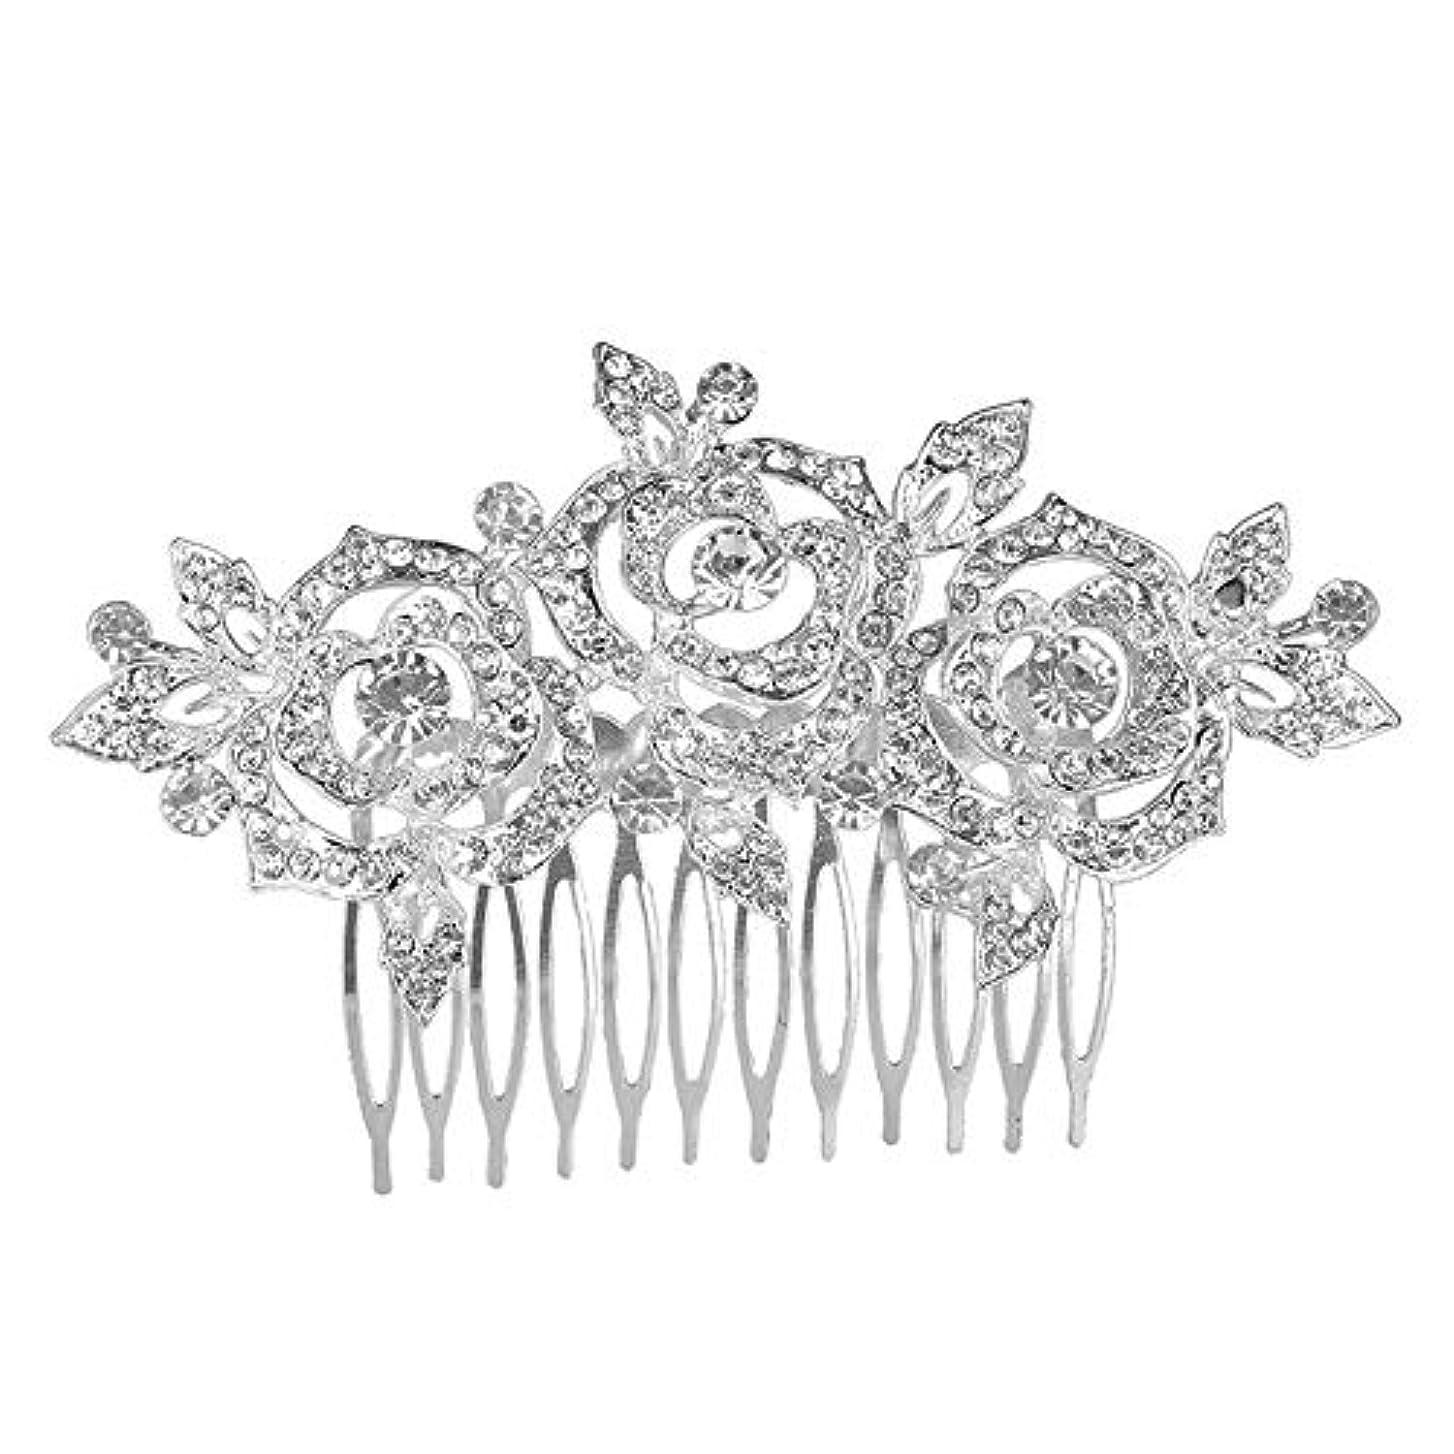 傾斜極端な操縦する髪の櫛挿入櫛花嫁の髪櫛クラウン髪の櫛結婚式の付属品櫛の髪の櫛花の櫛の櫛ブライダルヘッドドレス